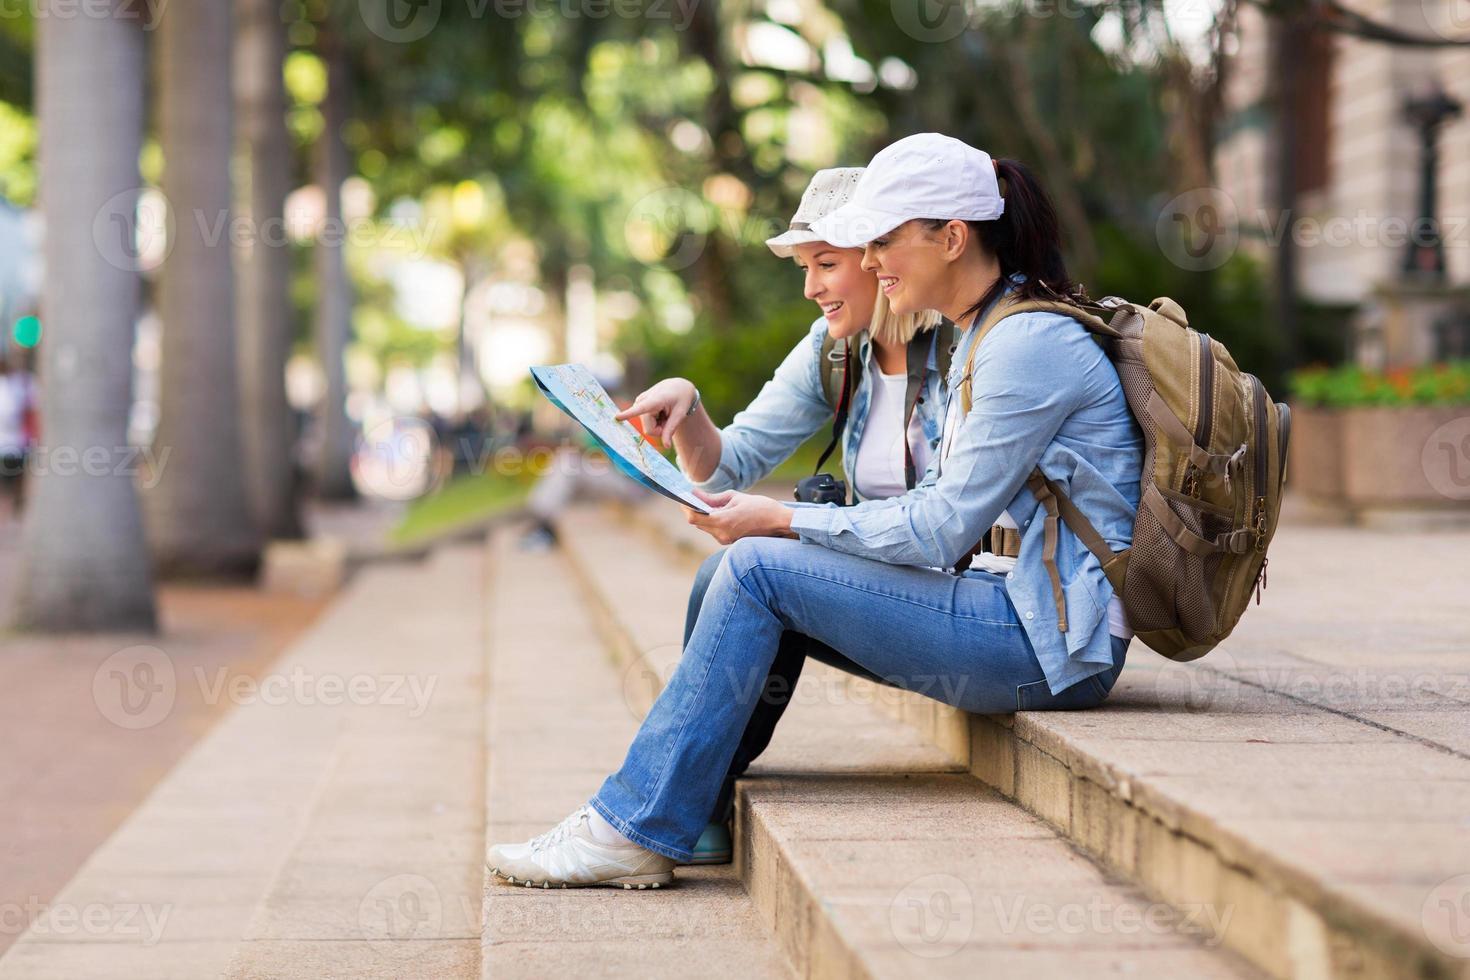 junge weibliche Touristen, die Karte betrachten foto